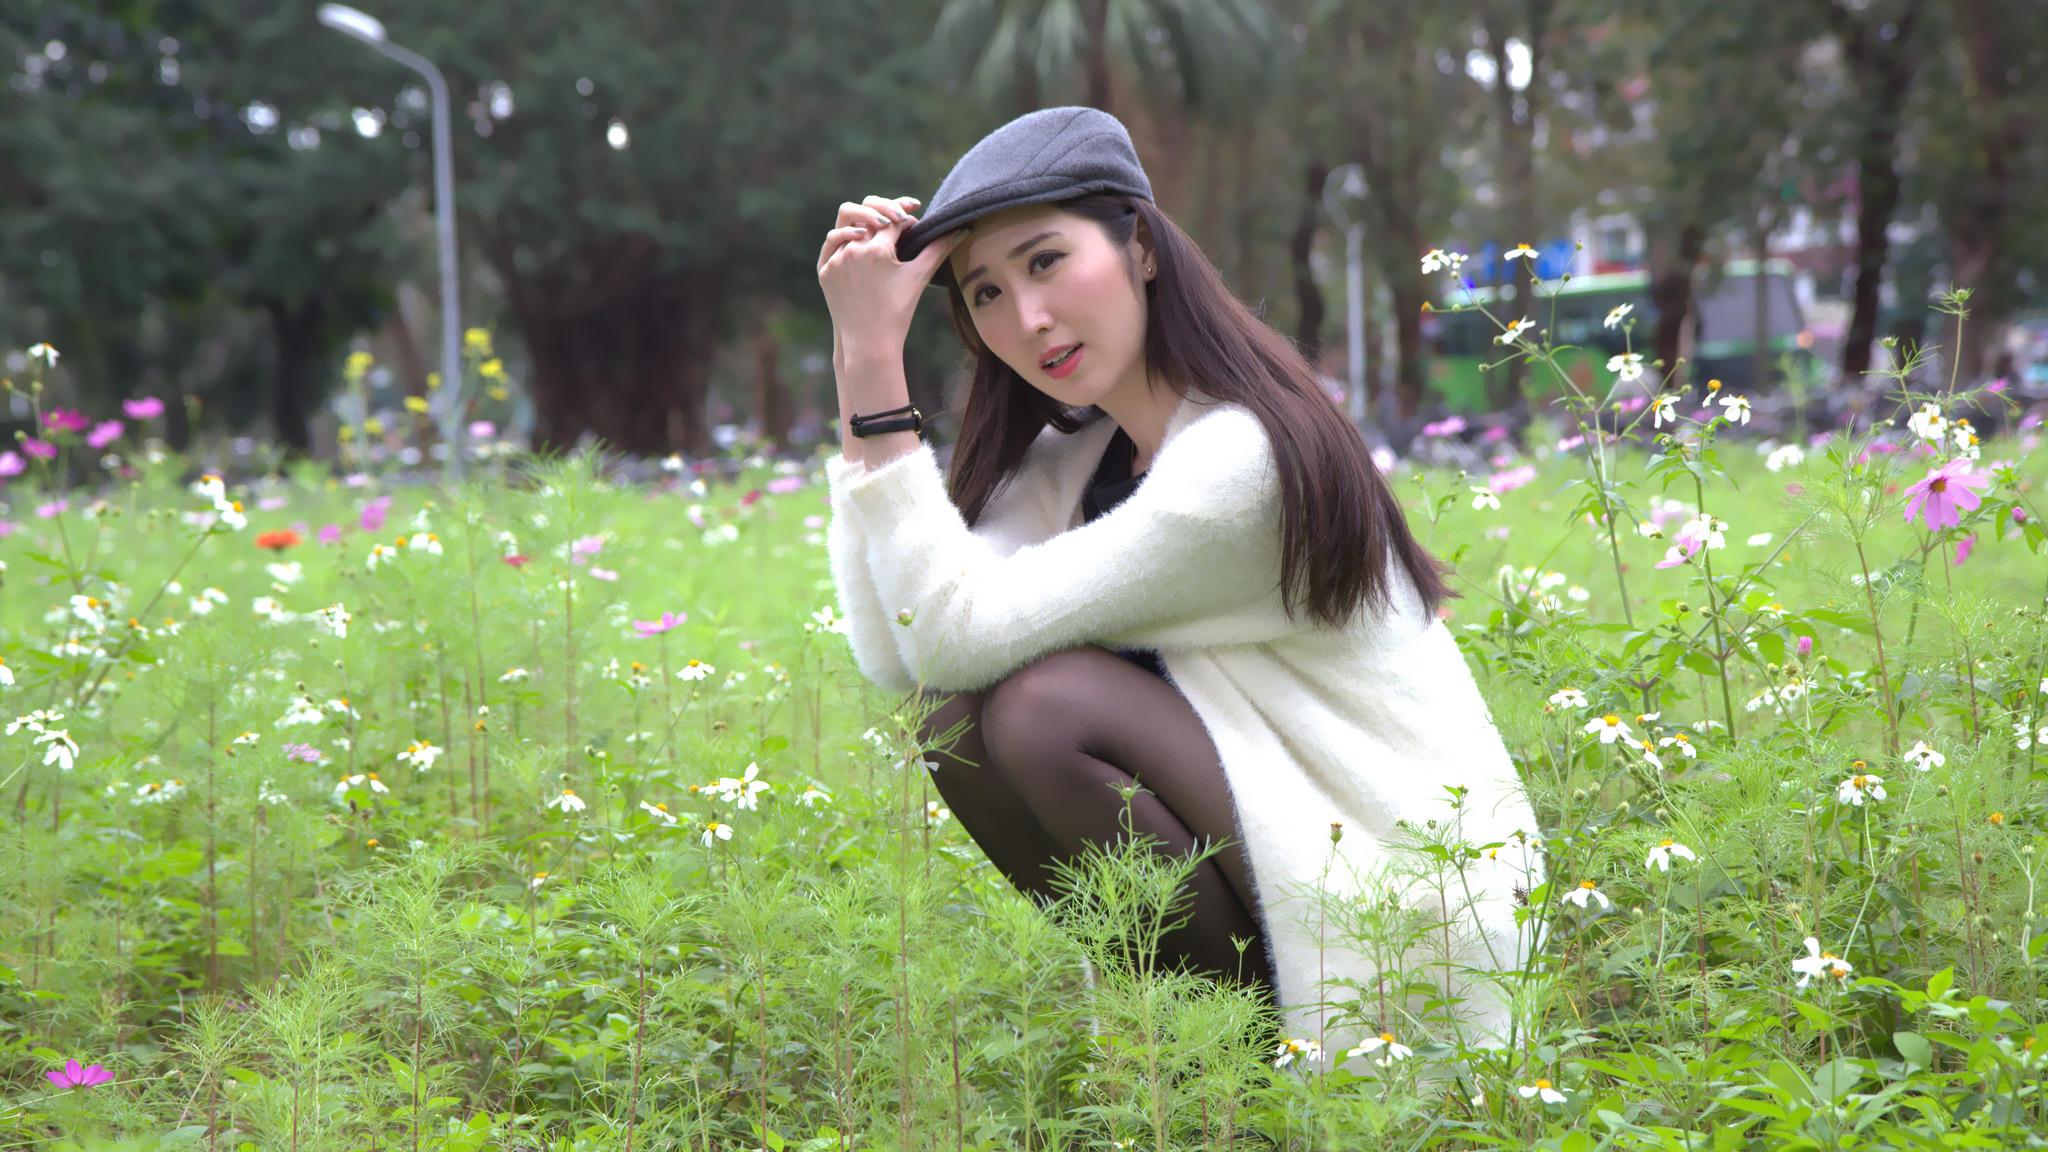 青春唯美:清纯靓丽校园美女大四学姐自拍 [21P]